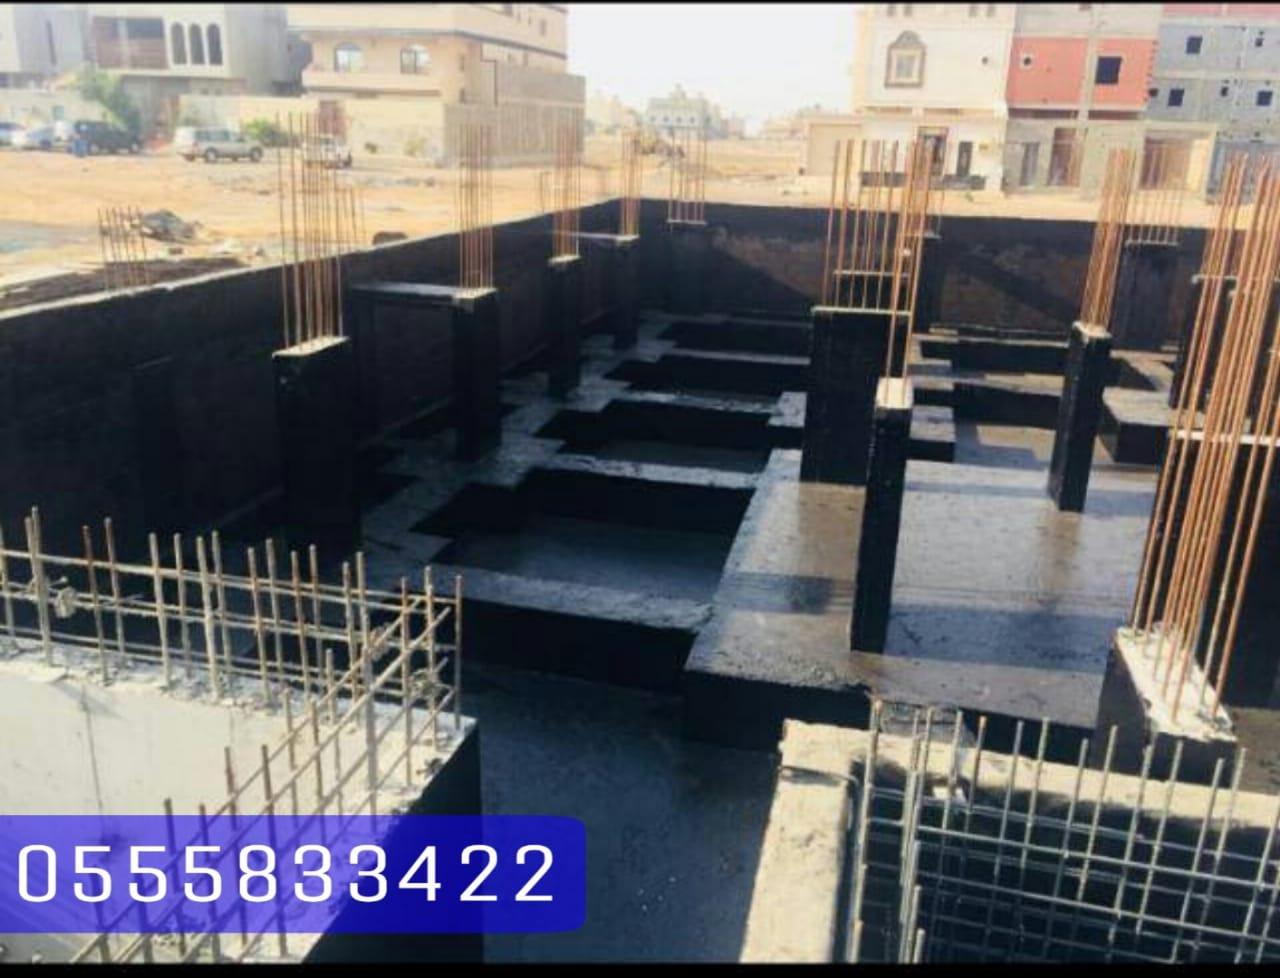 مقاول معماري بناء بالمواد عظم  , 0555833422 , , مقاول بناء في الخبر , مقاول ترميم وترميمات في الخبر P_1699rj8o05